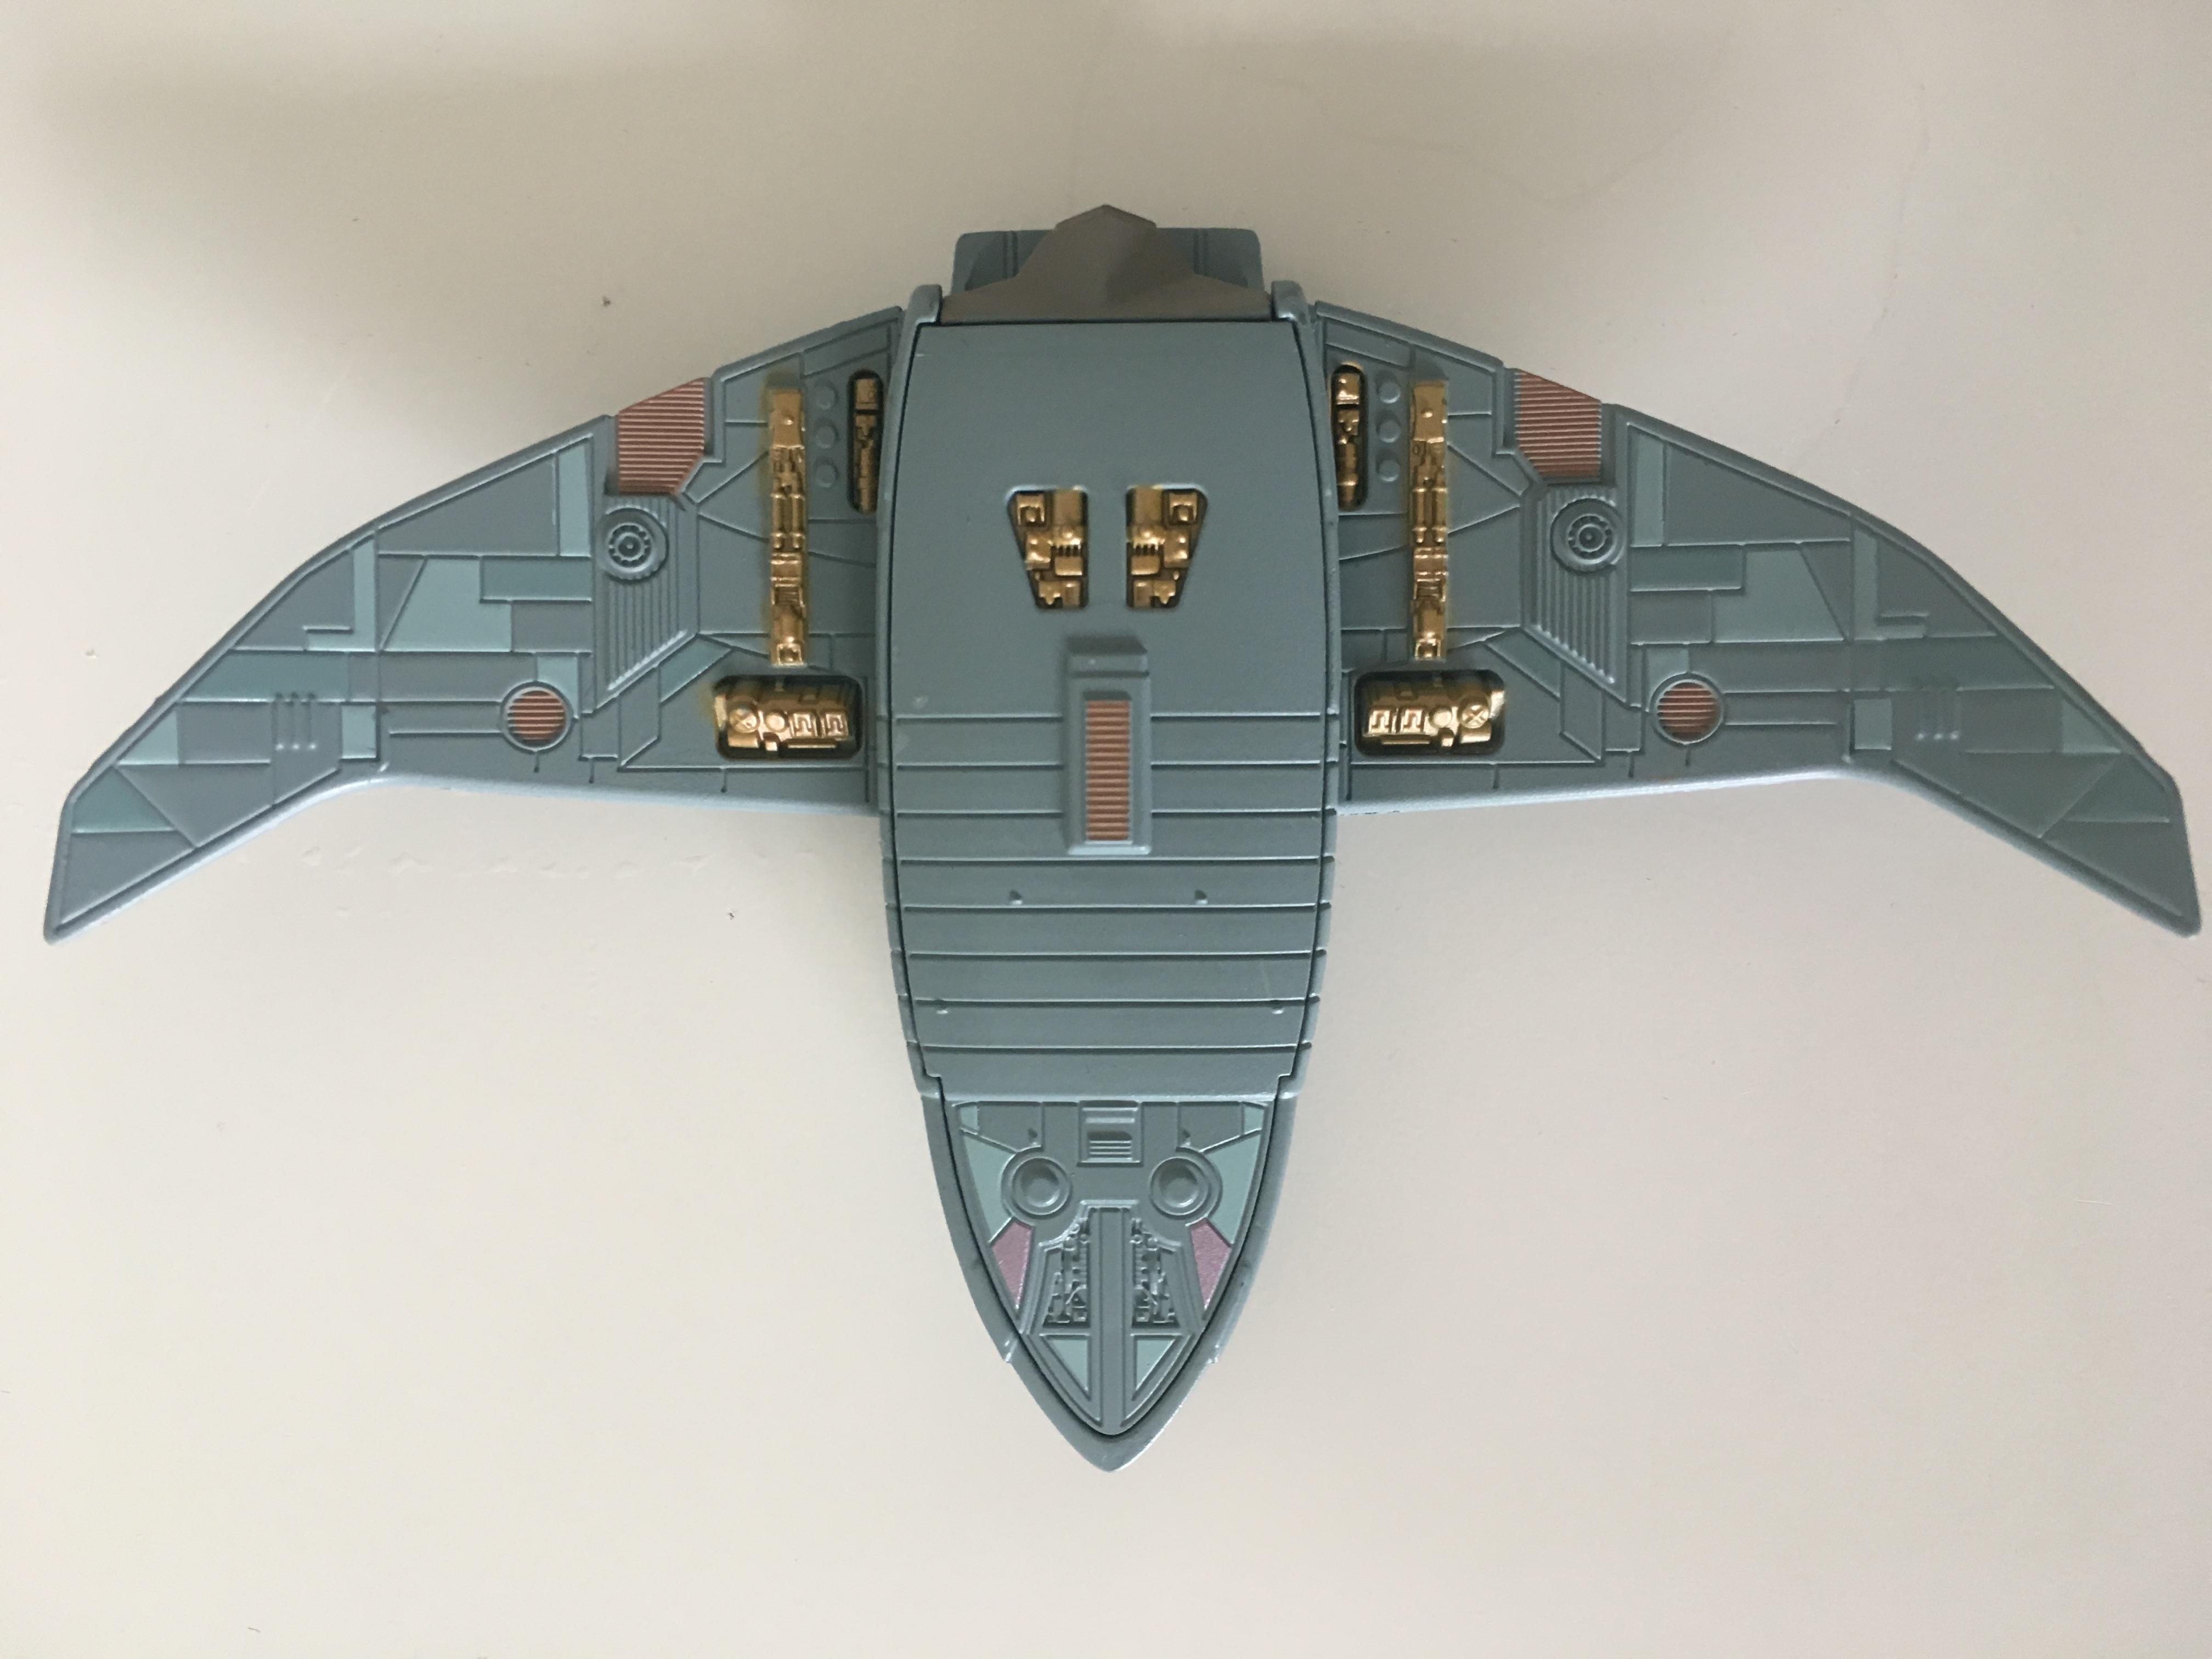 Bajoranisches Angriffsschiff aus Star Trek: Deep Space Nine (Foto: Star Trek HD)